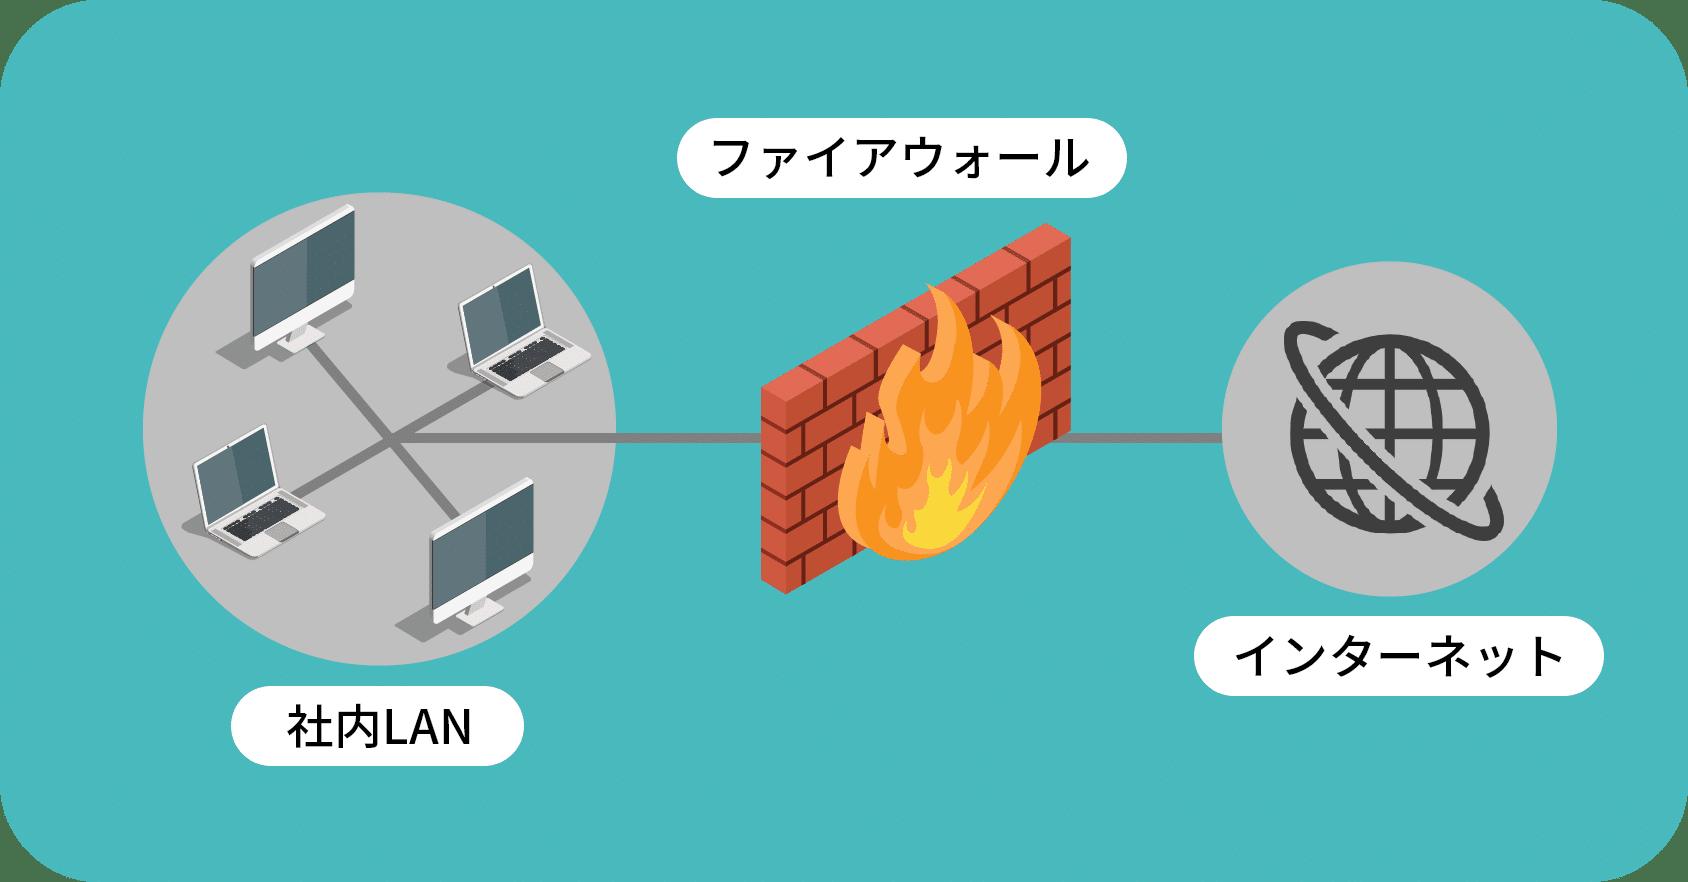 ネットワークに使用するファイアウォール